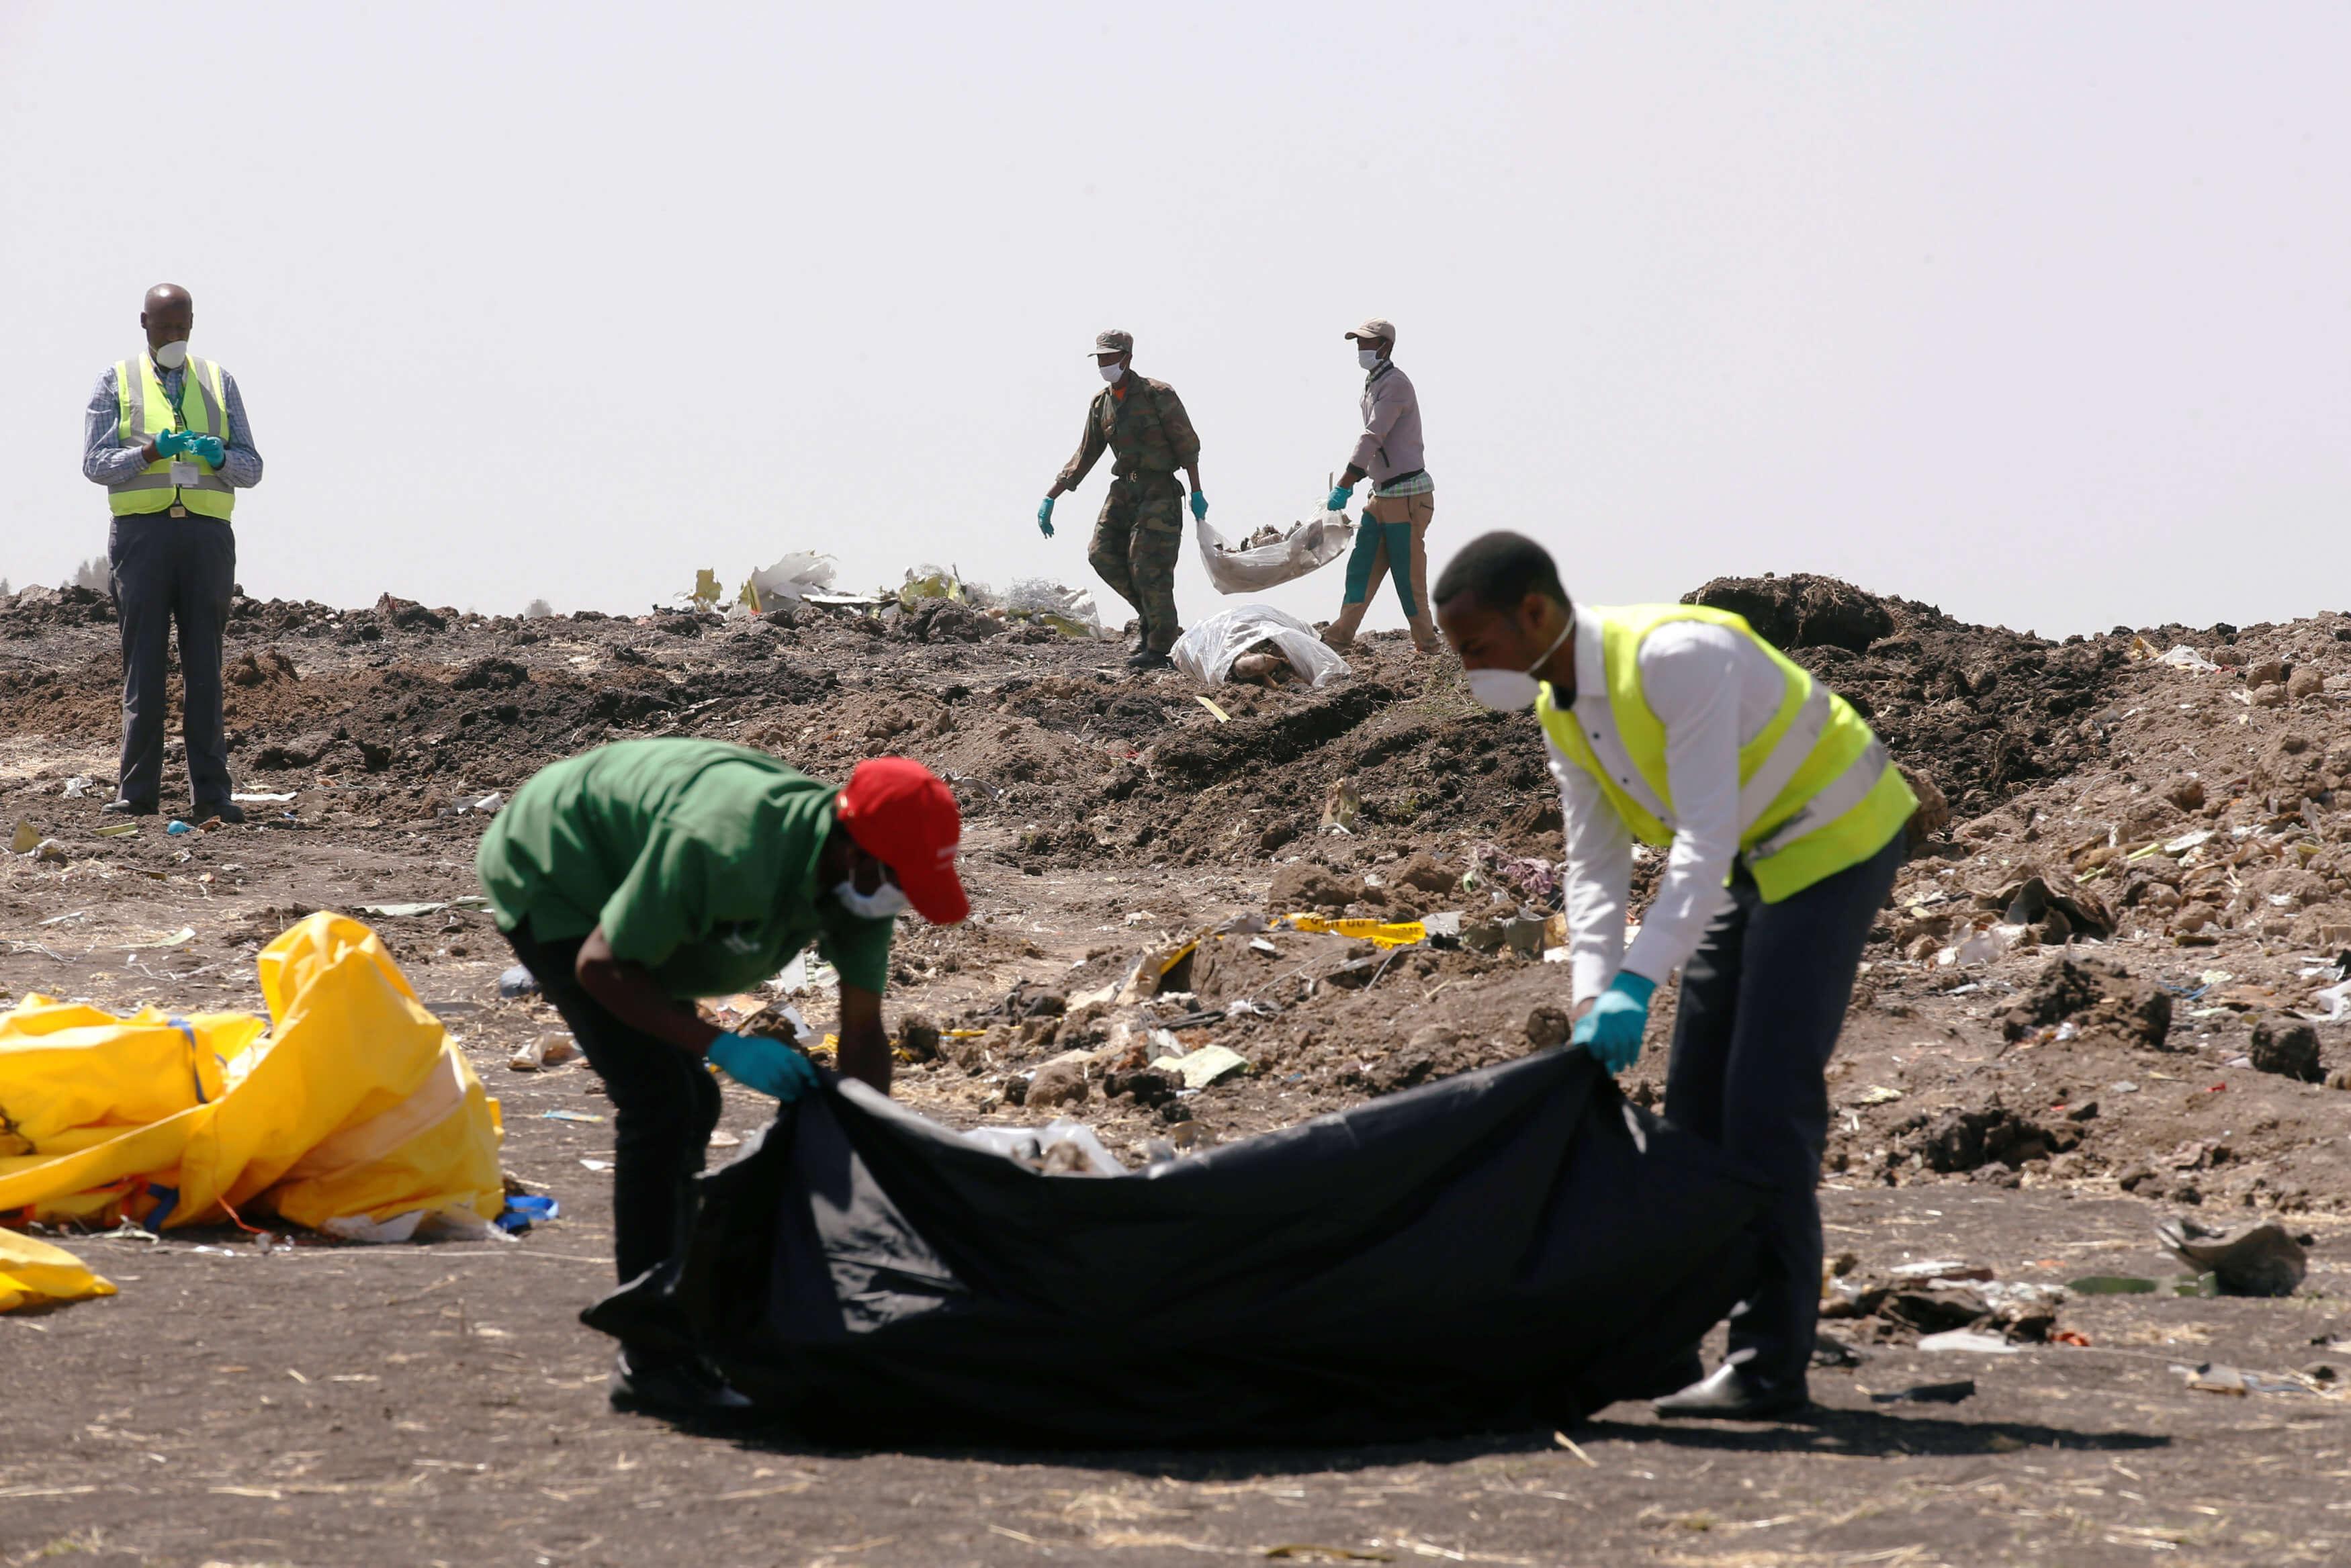 Εξοργισμένοι με την Boeing οι συγγενείς των θυμάτων των δύο αεροπορικών τραγωδιών – «Μας έριξαν αλάτι στην πληγή...»